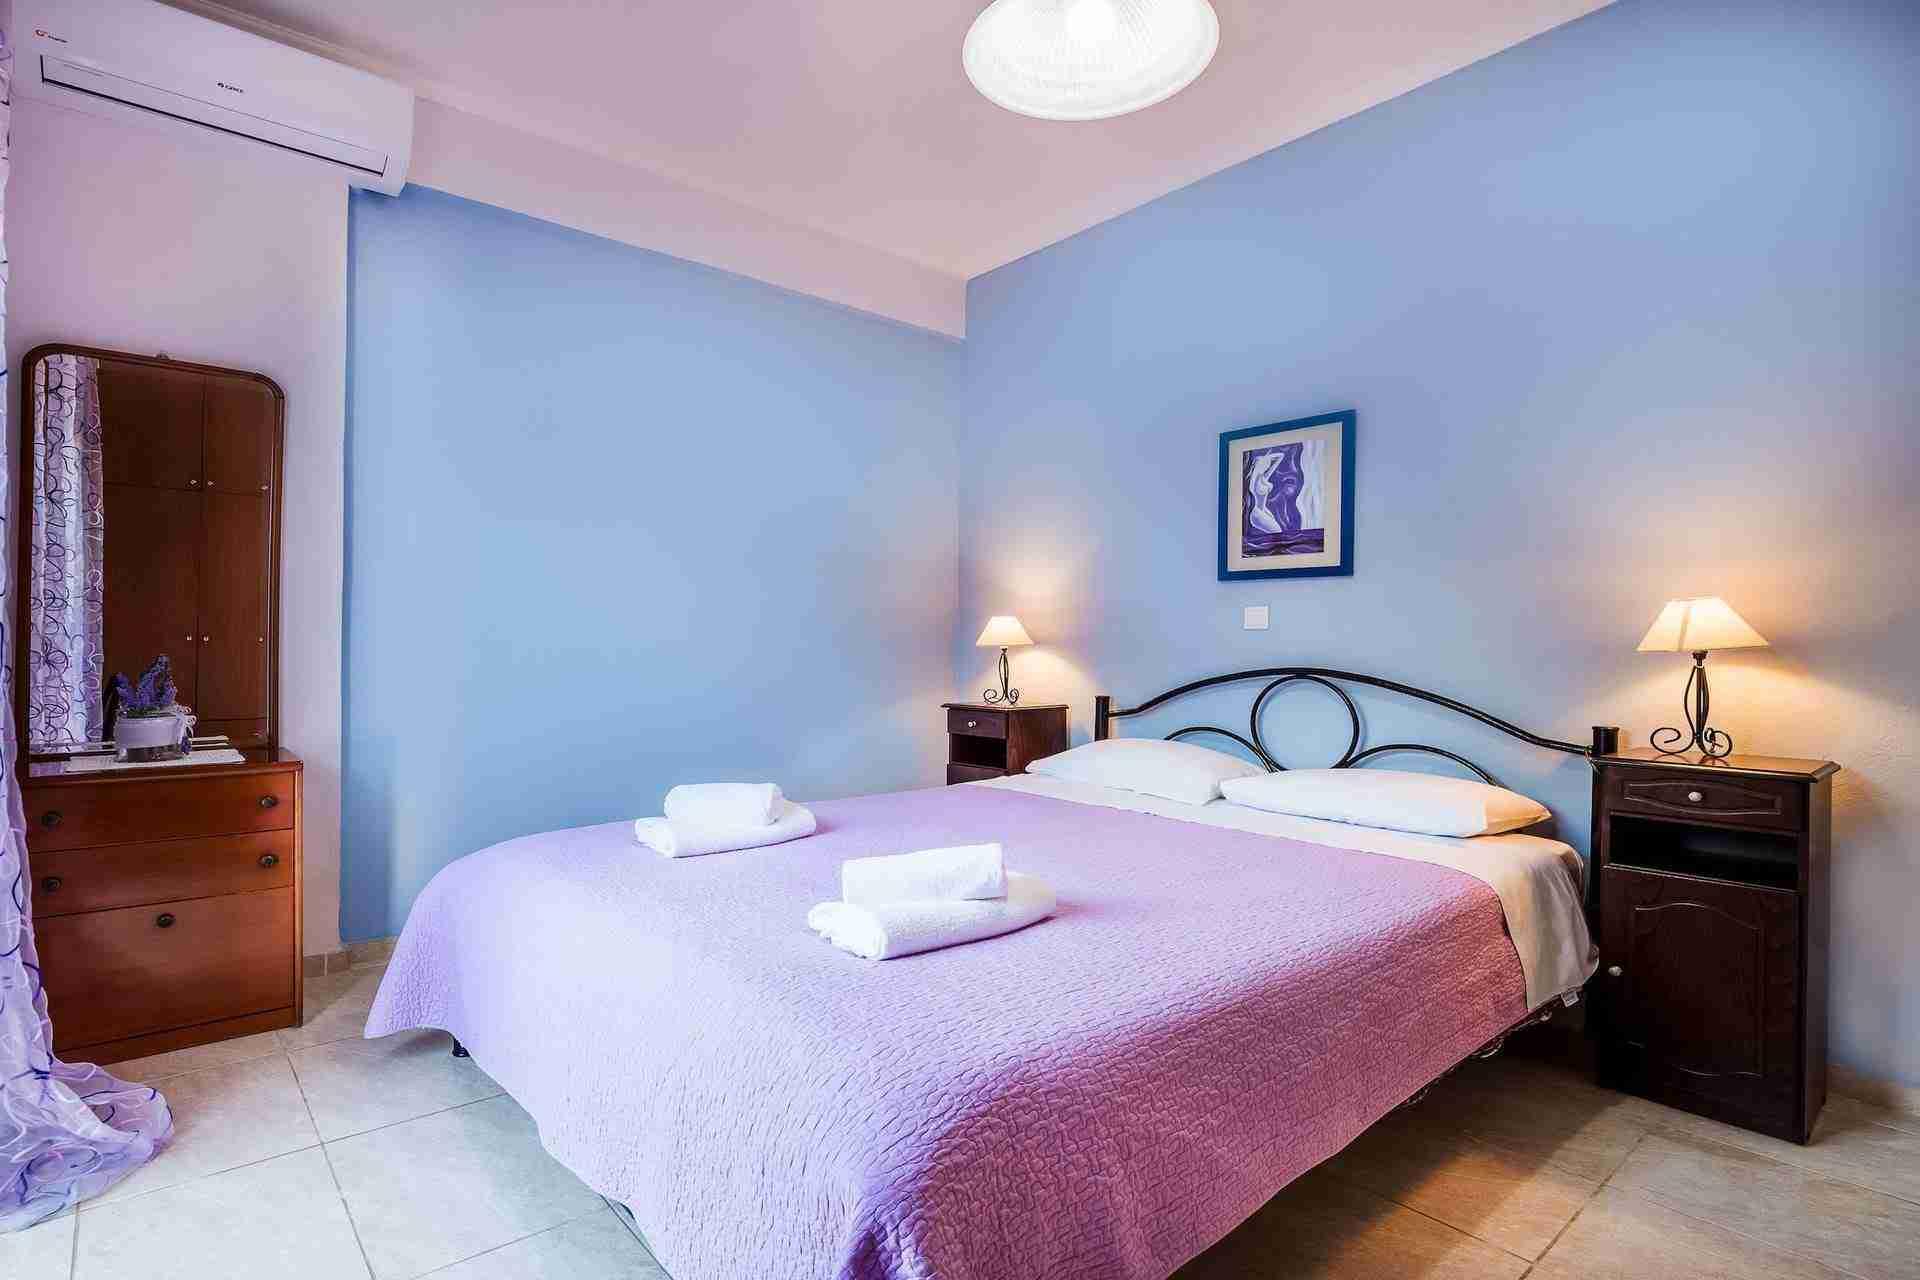 15 Athena Bedroom